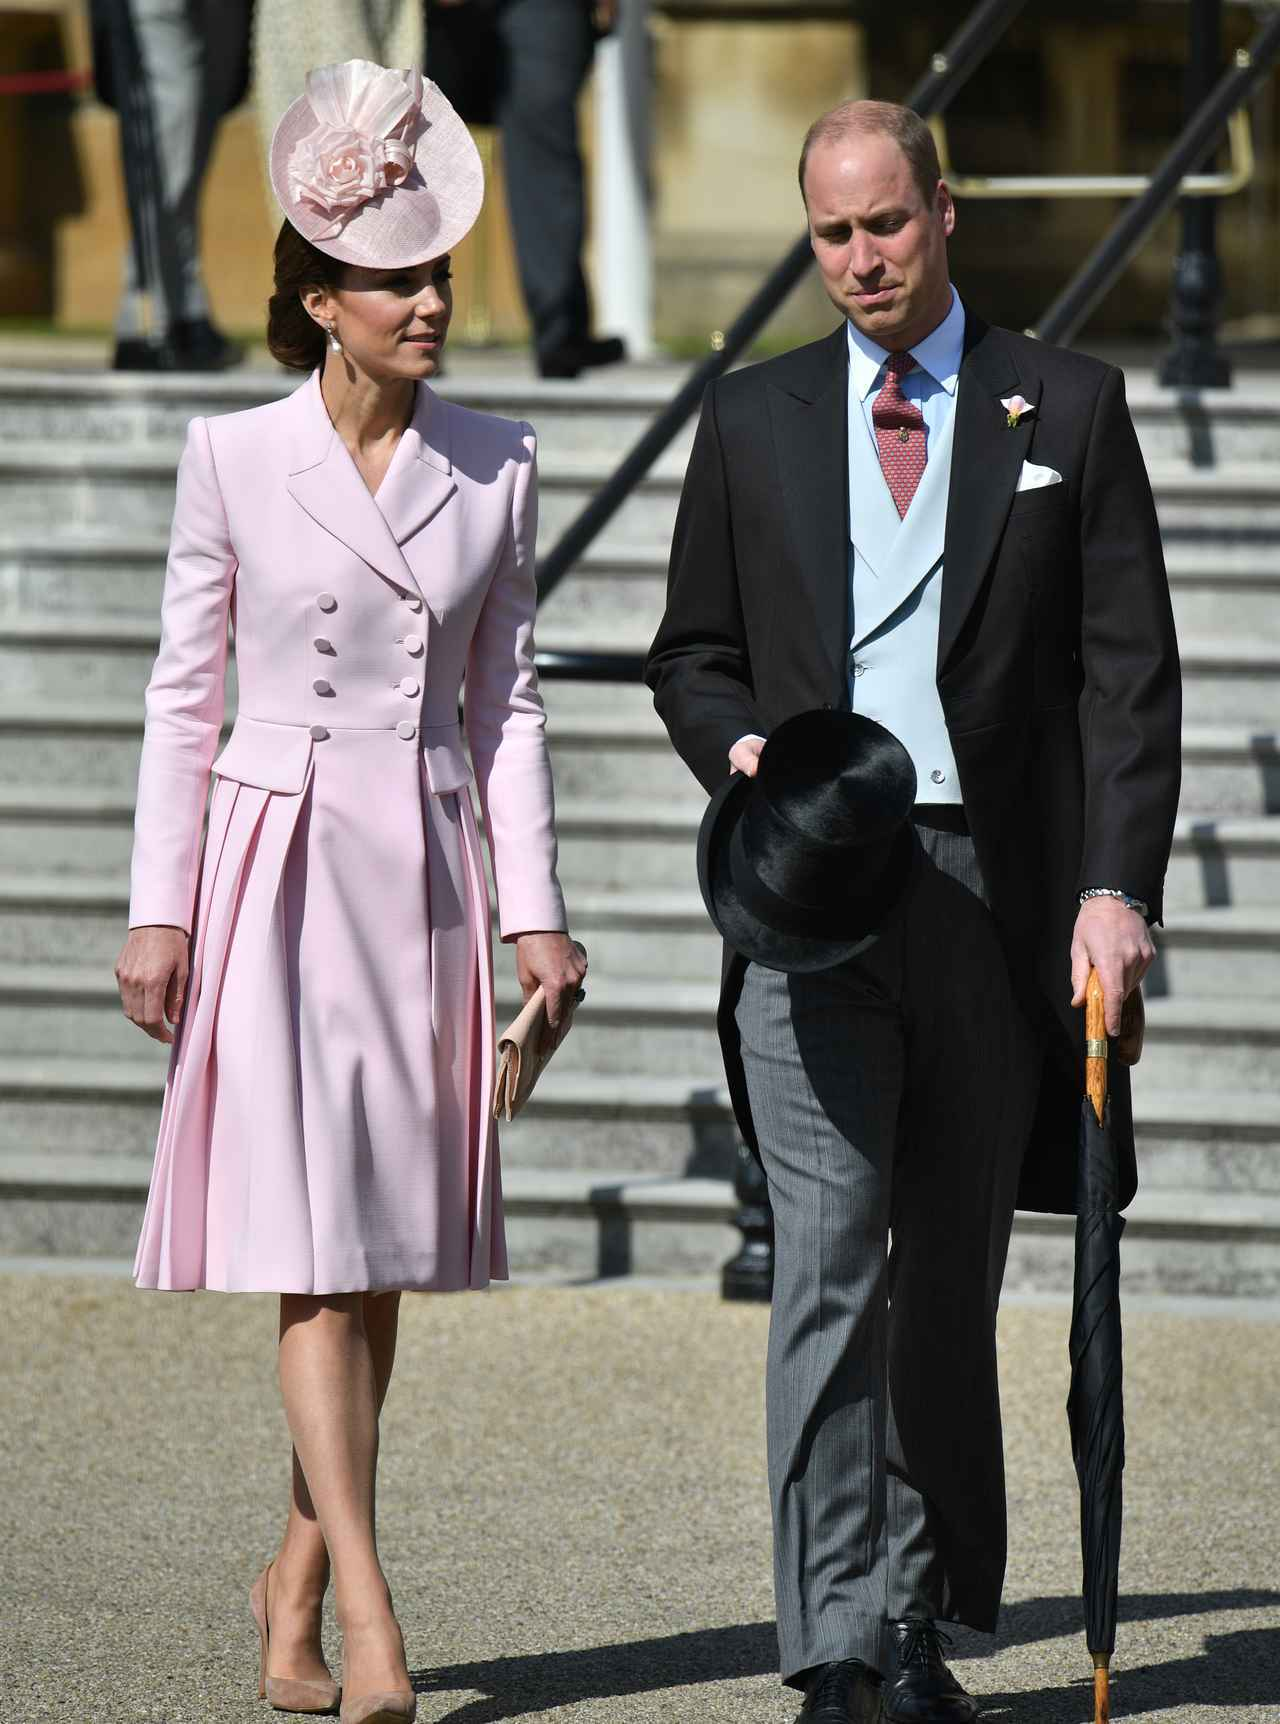 画像3: キャサリン妃とウィリアム王子の姿がまるで「あのディズニー映画」のワンシーン